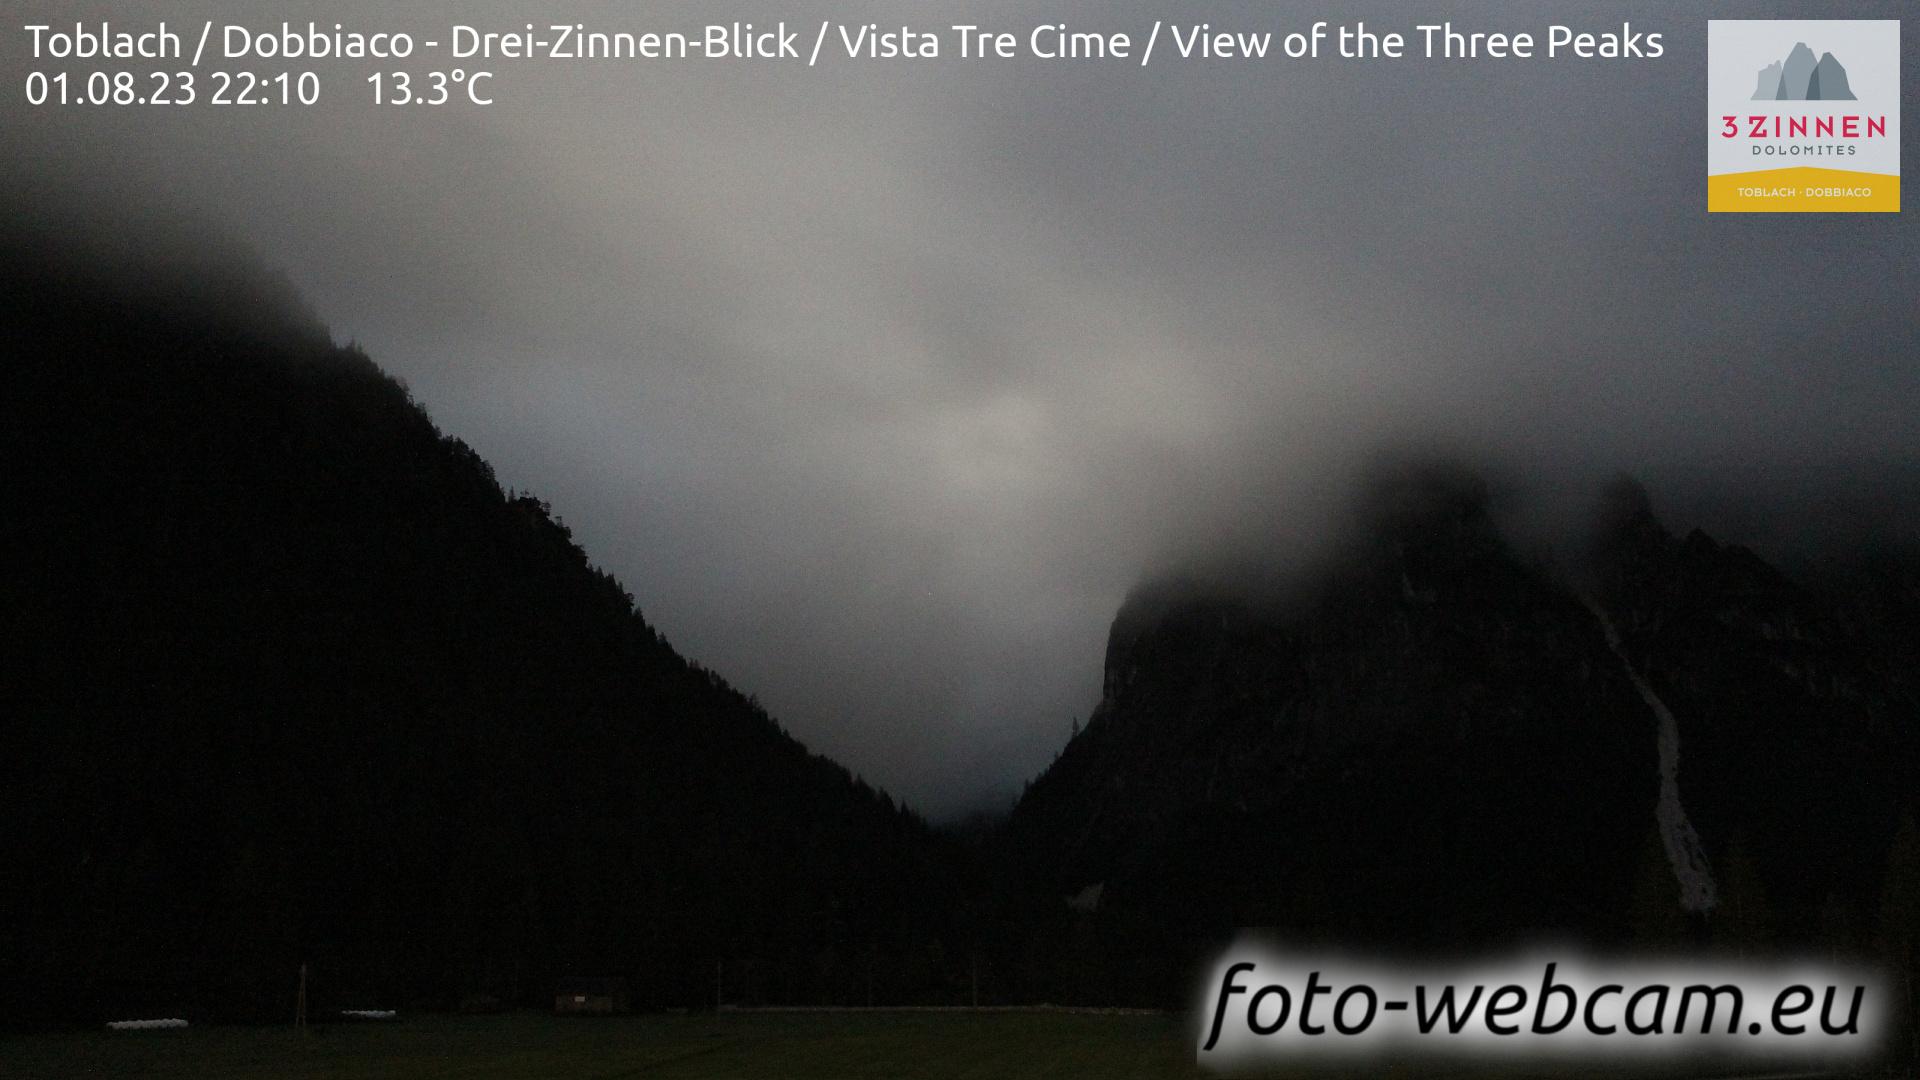 Toblach (Dolomites) Mon. 22:27